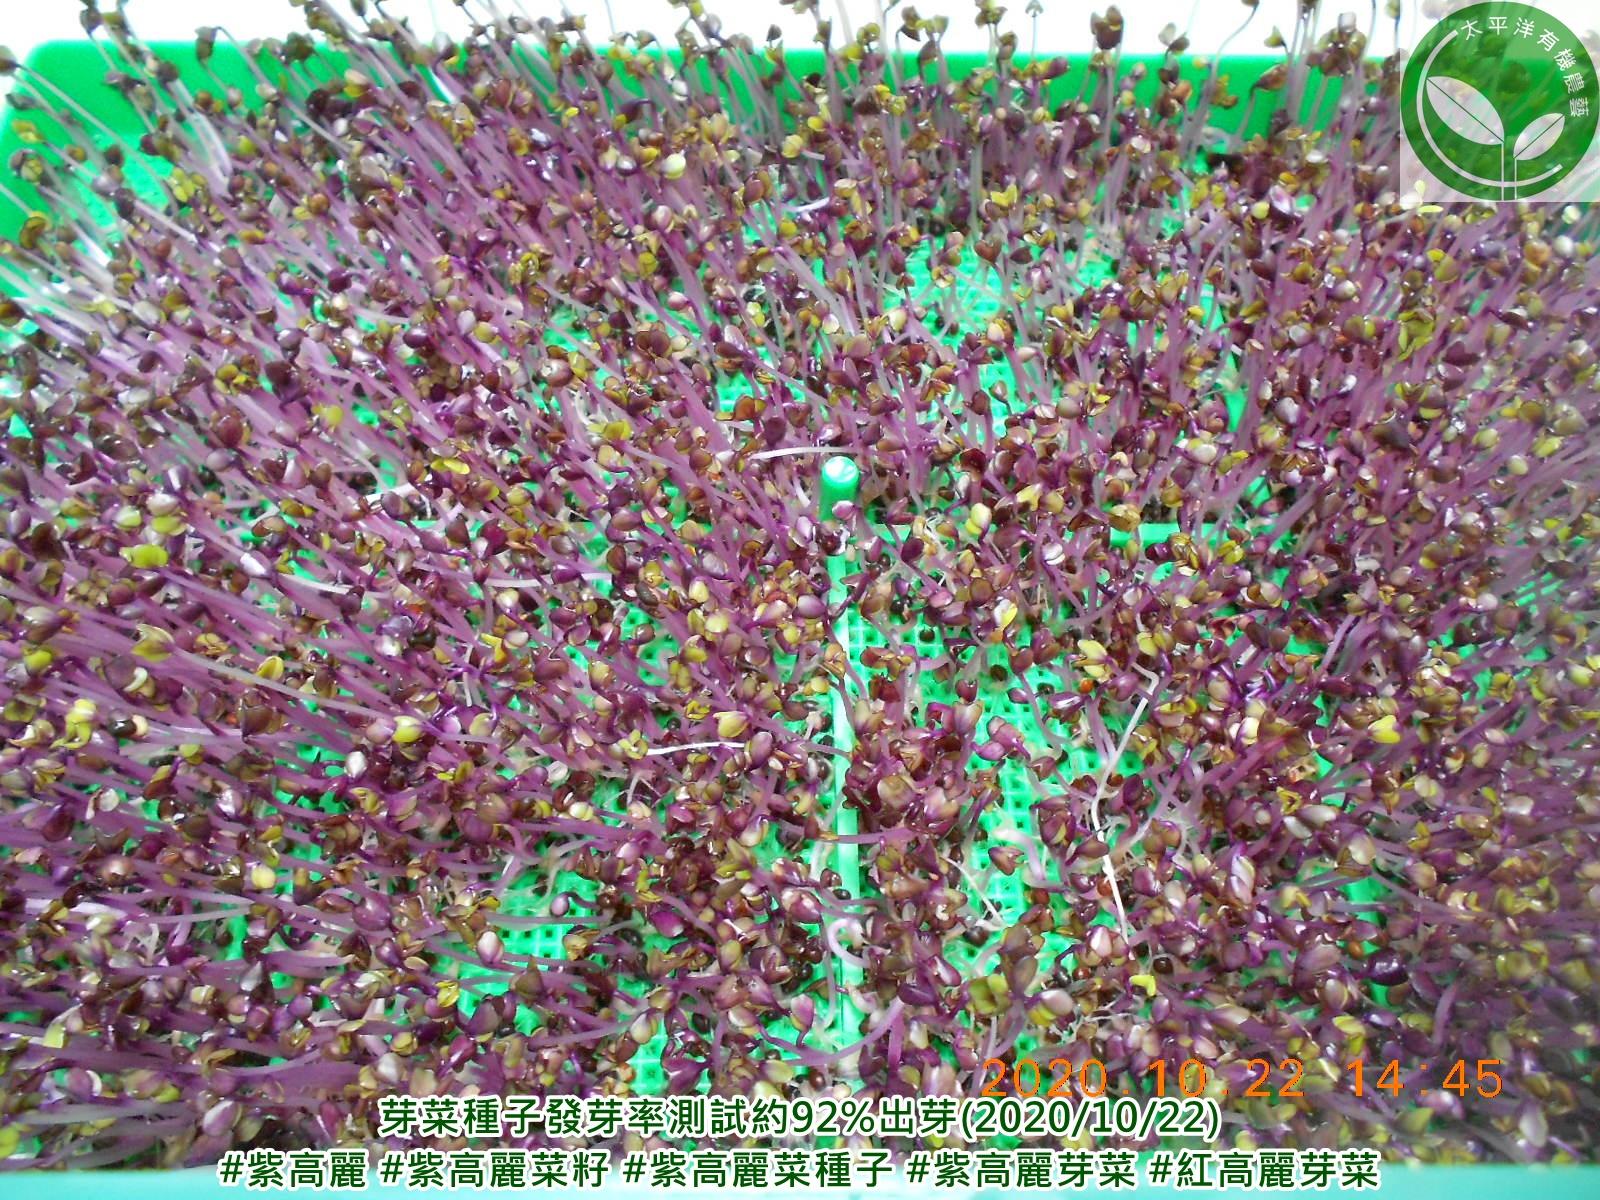 高麗菜芽食譜,紫高麗菜,紫色高麗菜,紫色甘藍菜,紫高麗菜食譜,紫高麗菜營養,紫甘藍汁,紫甘藍菜,高麗菜幼苗,紅高麗